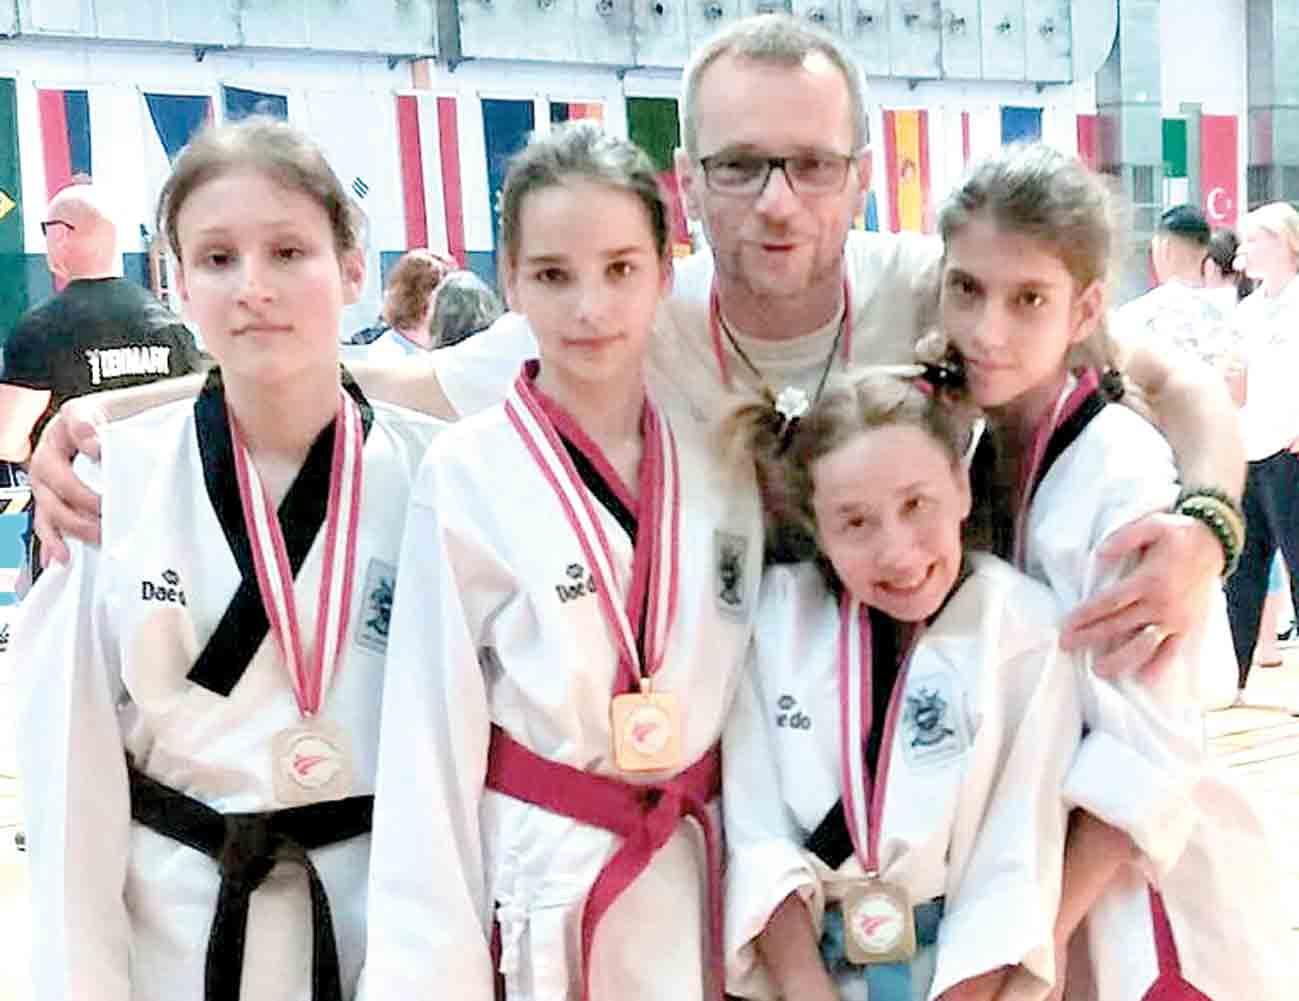 Дві золоті і дві срібні медалі здобули в Австрії спортсменки з ДЦП із Ладижина